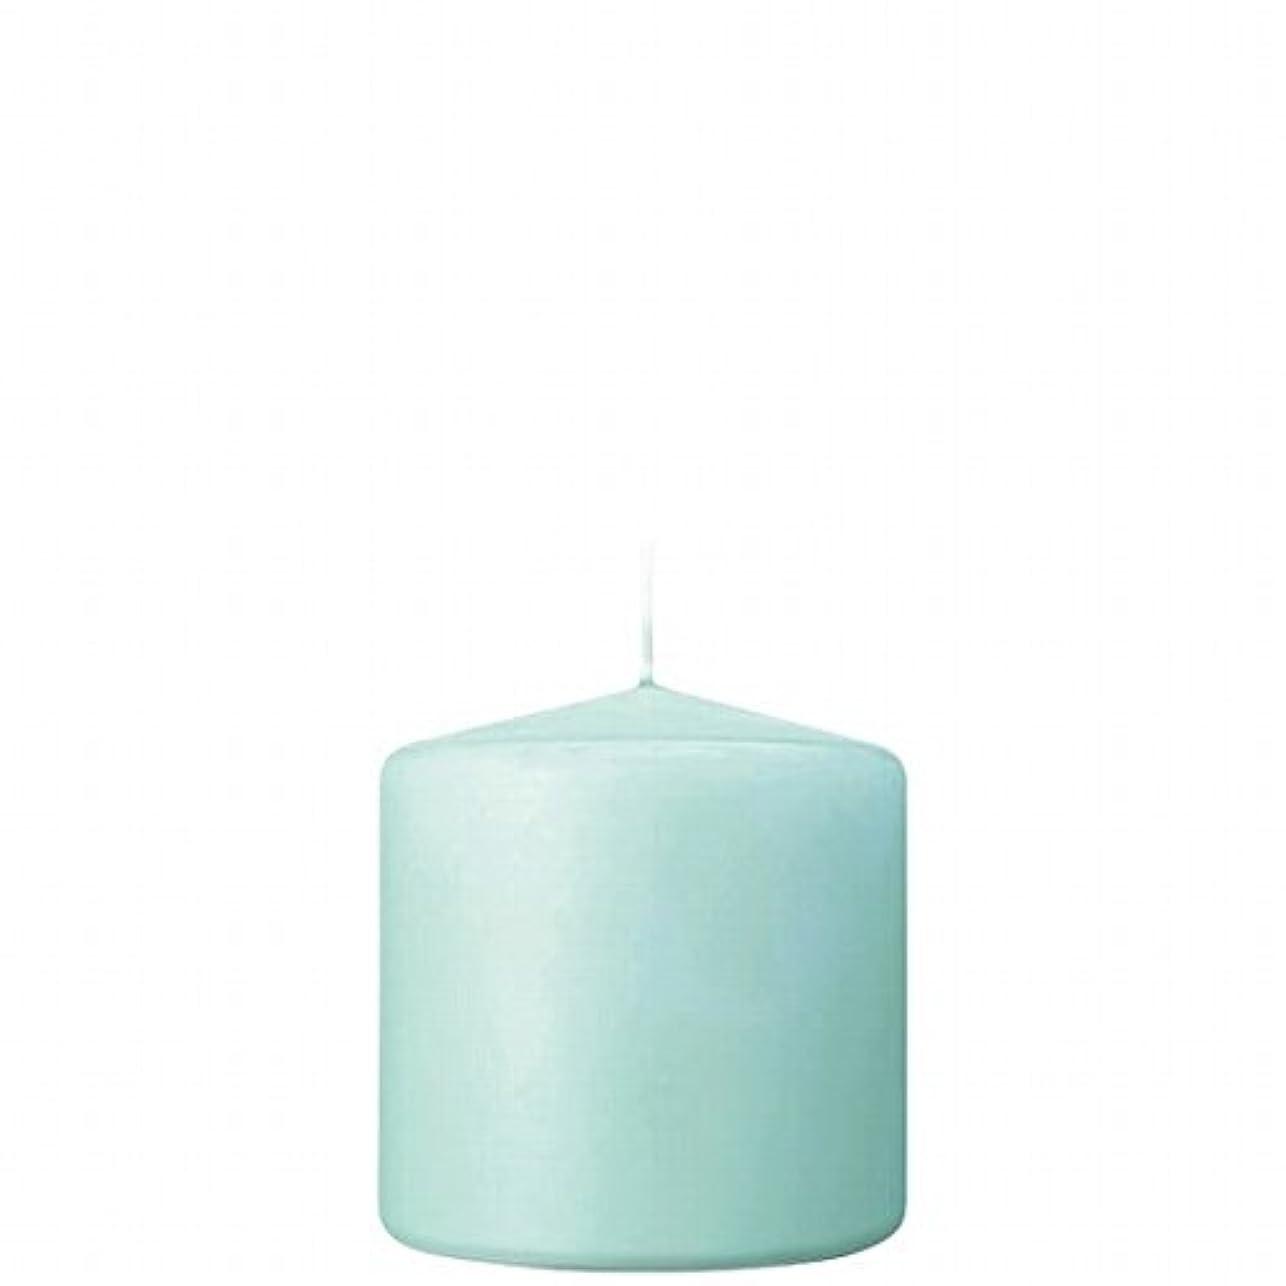 ピット電気陽性雨のカメヤマキャンドル(kameyama candle) 3×3ベルトップピラーキャンドル 「 ライトブルー 」